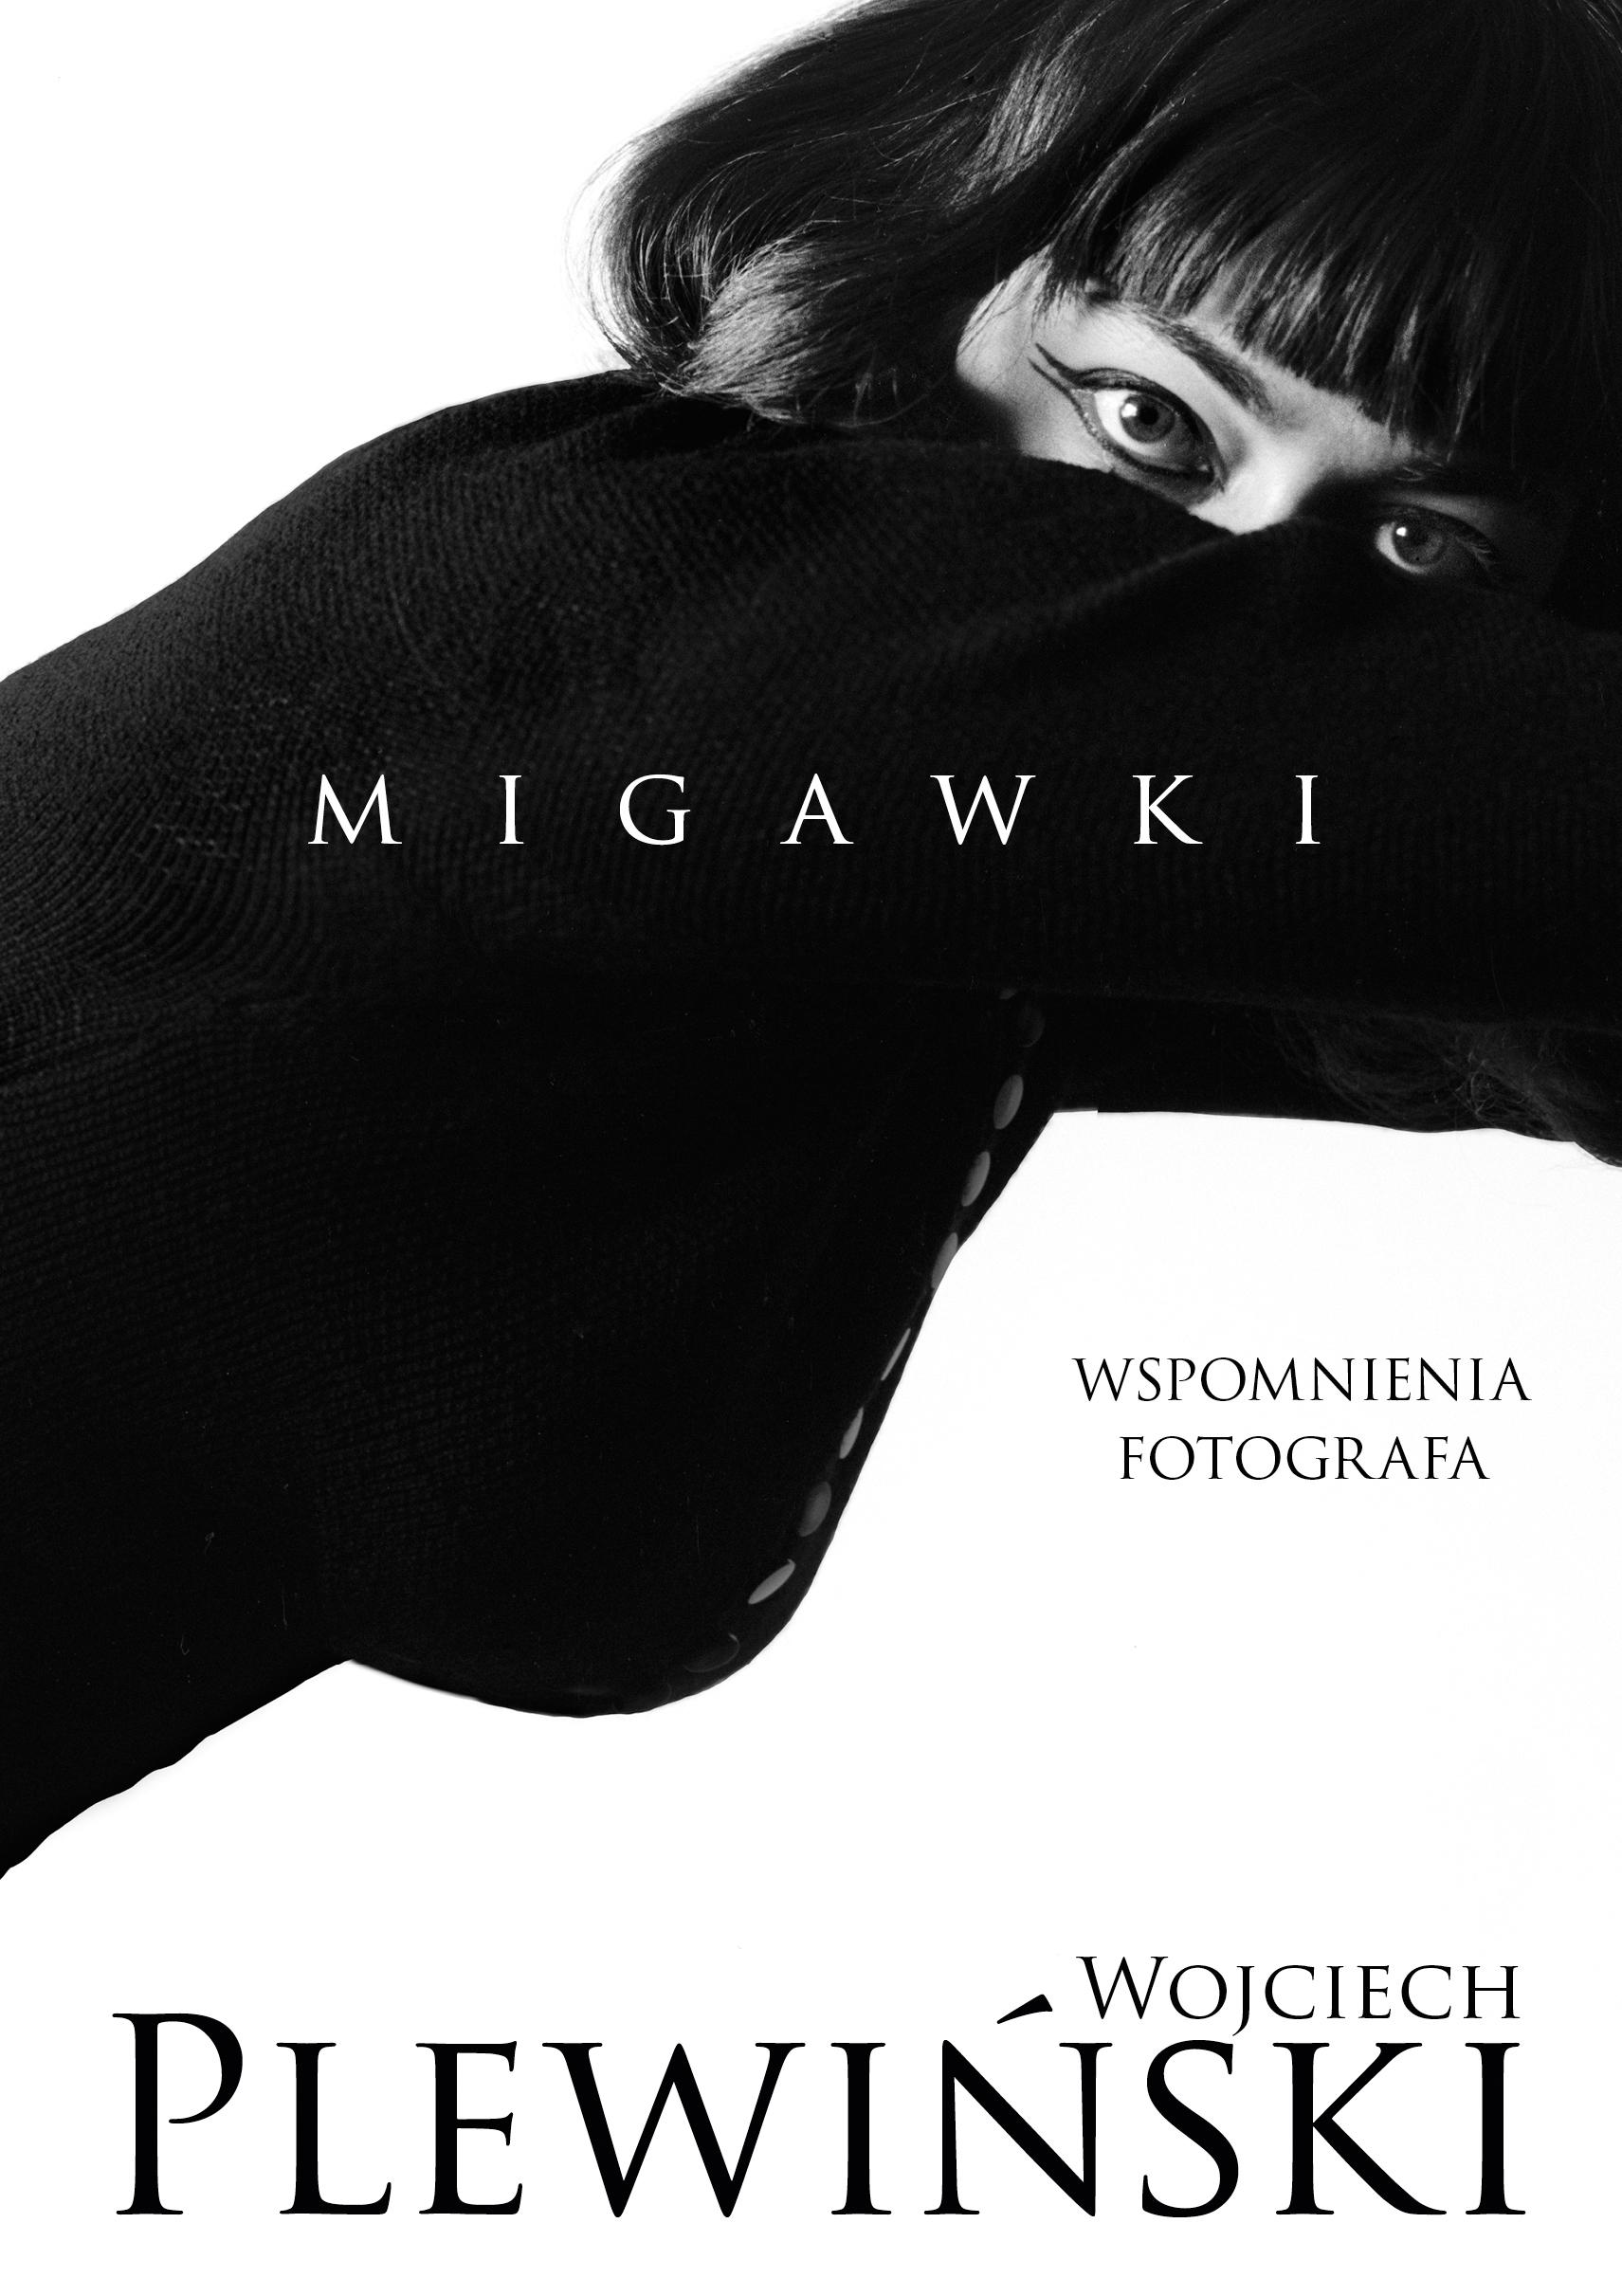 """Wojciech Plewiński, Joanna Gromek-Illg, """"Migawki"""" – okładka książki (źródło: materiały prasowe wydawcy)"""